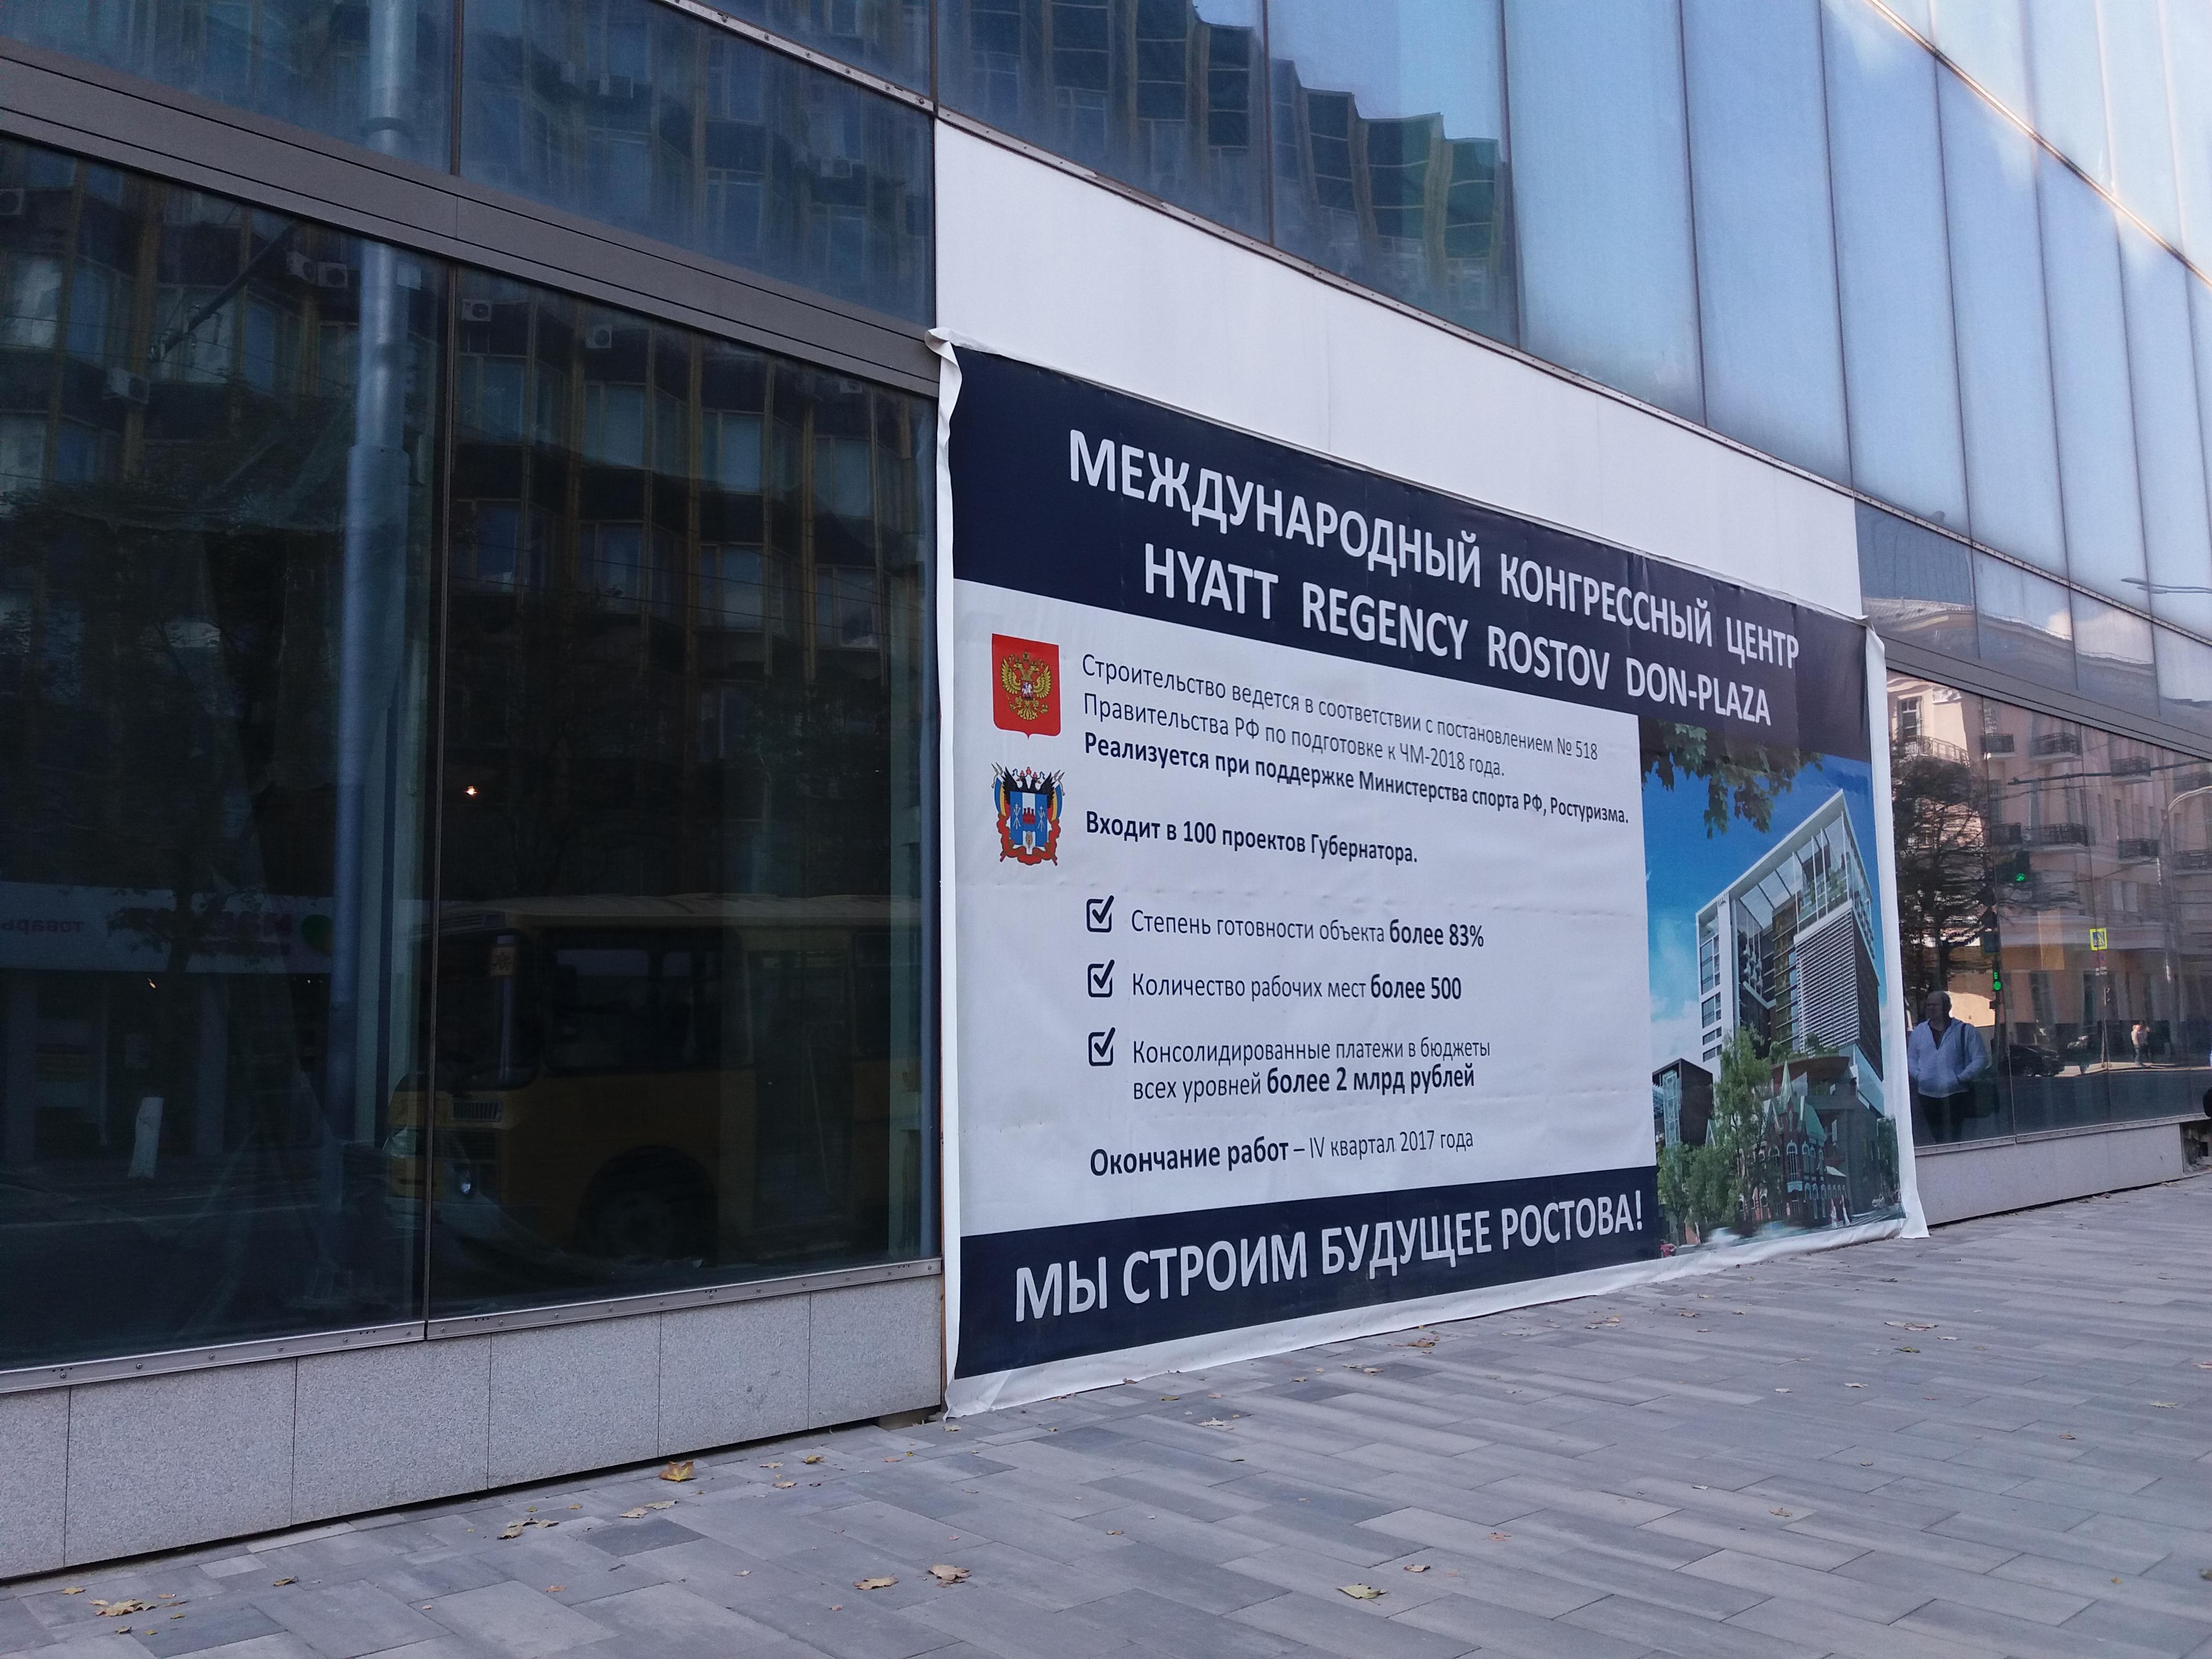 Внешэкономбанк принял решение восстановить финансирование строительства отеля Hyatt